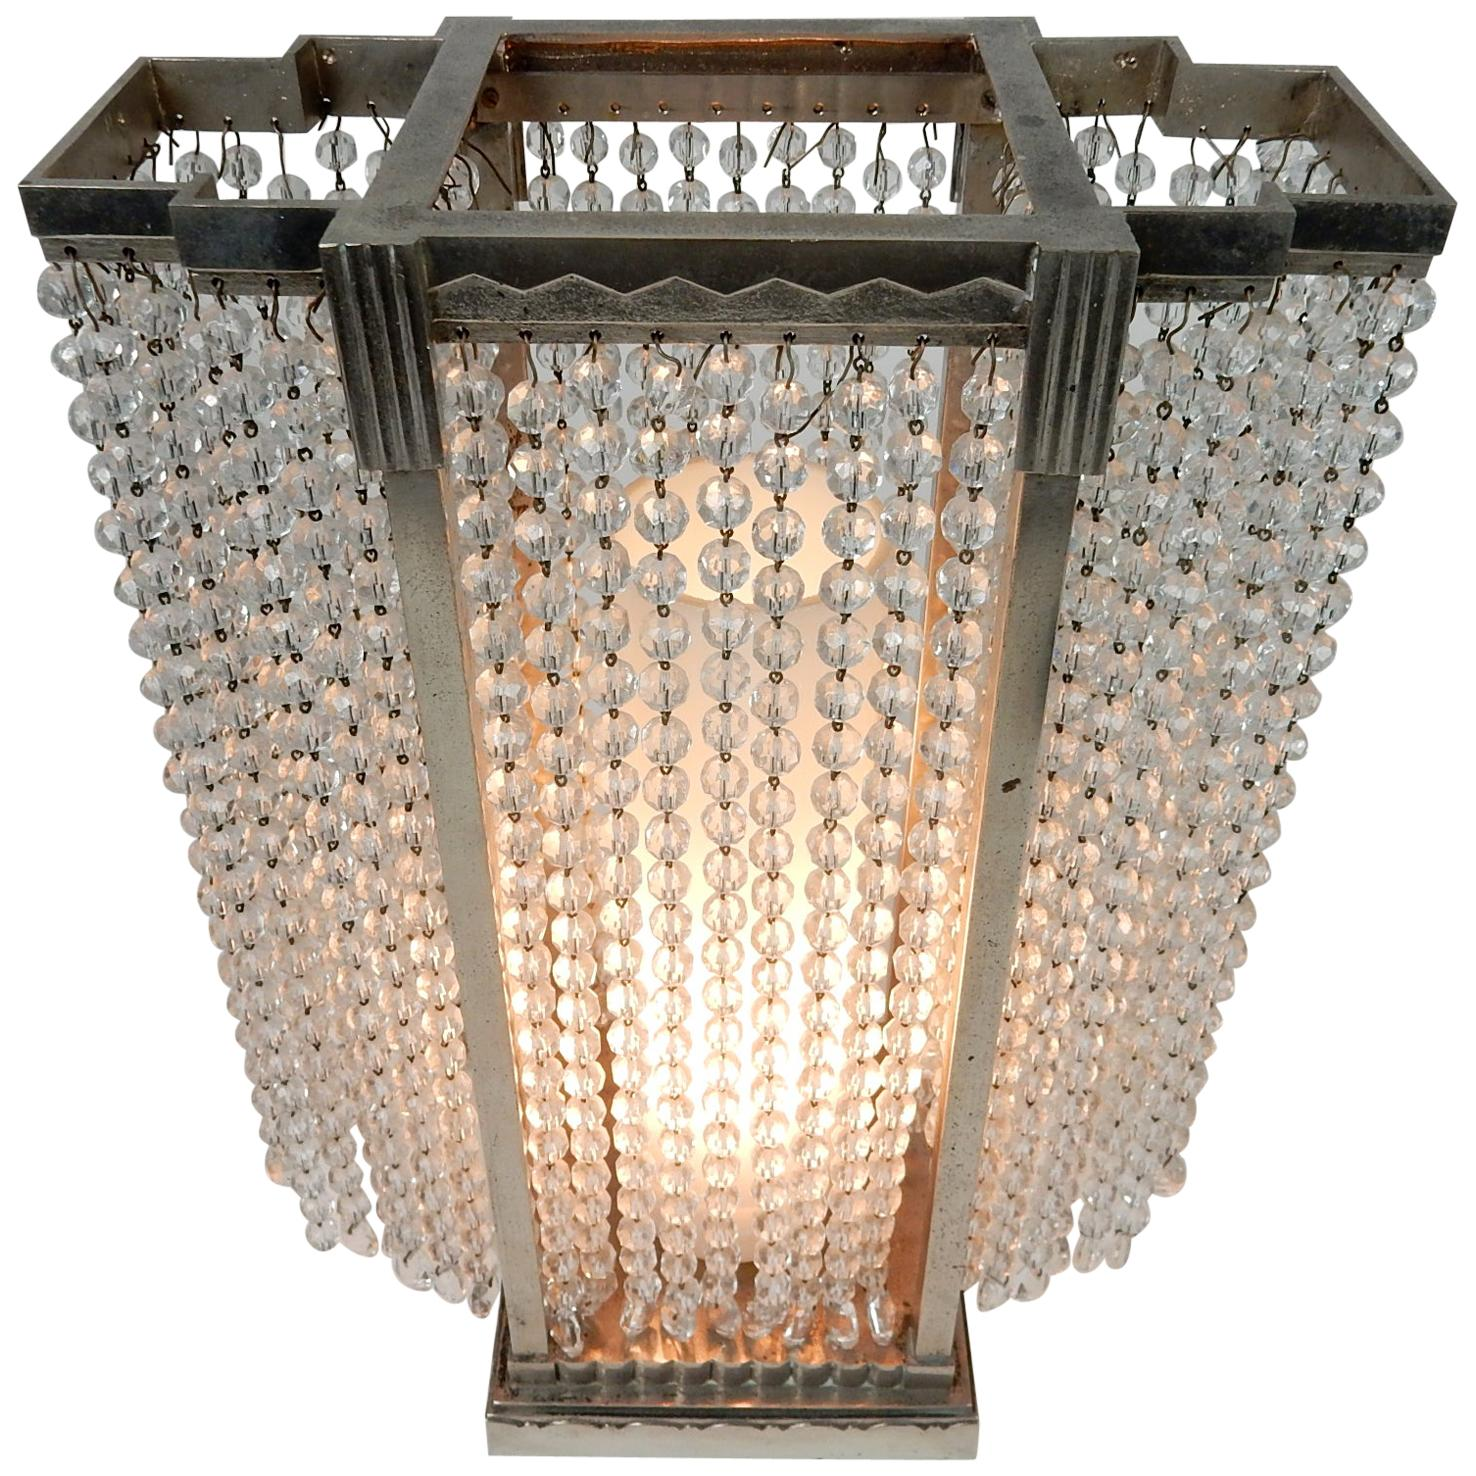 Art Deco Era Glass Bead Skyscraper Illuminare Lamp